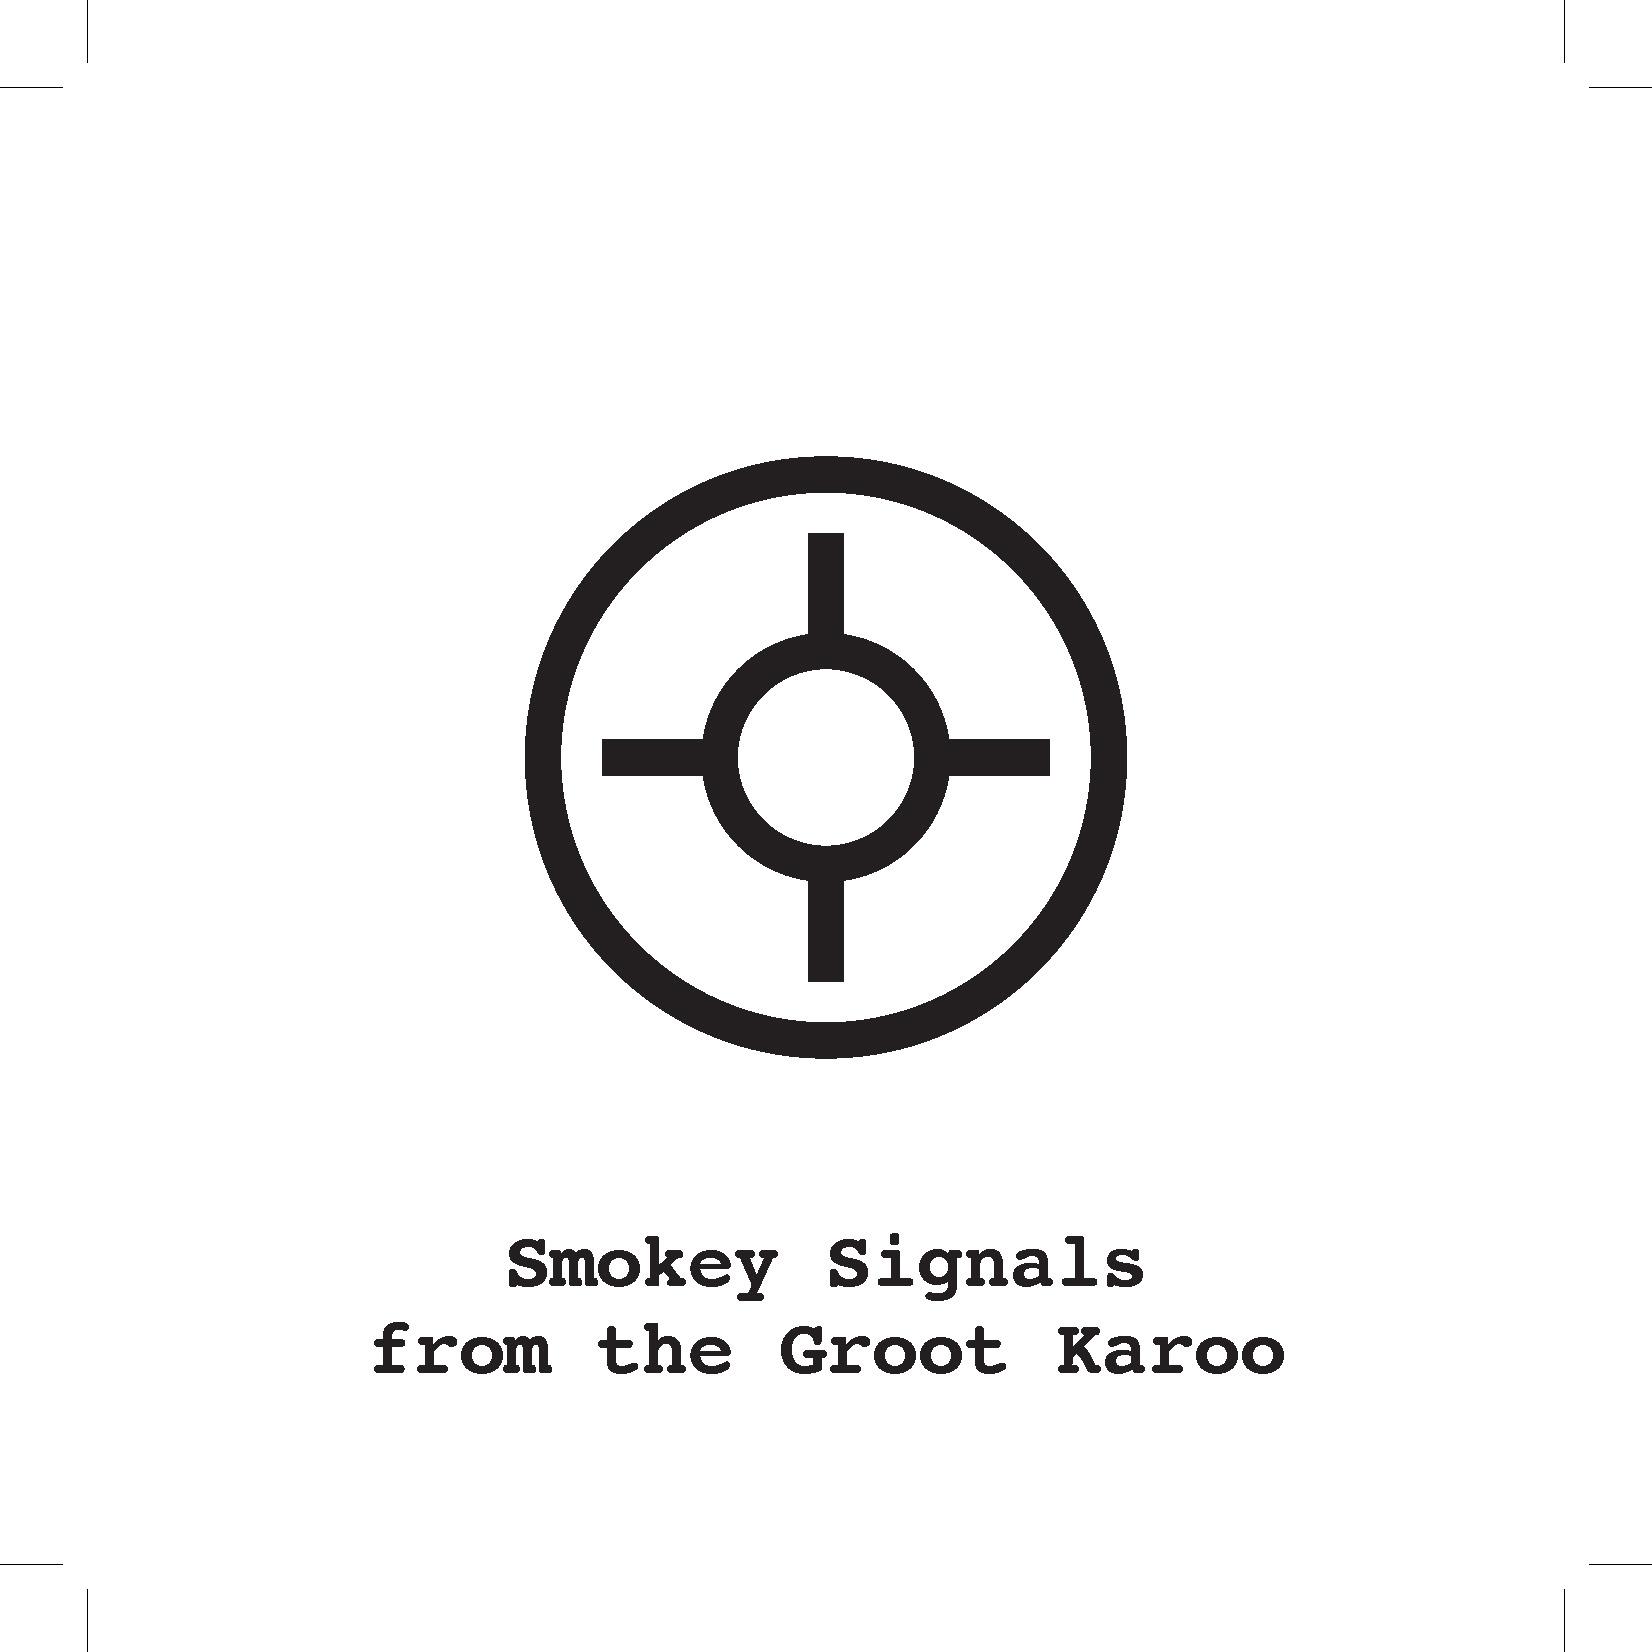 MAP Southafrica - Smokey Signals